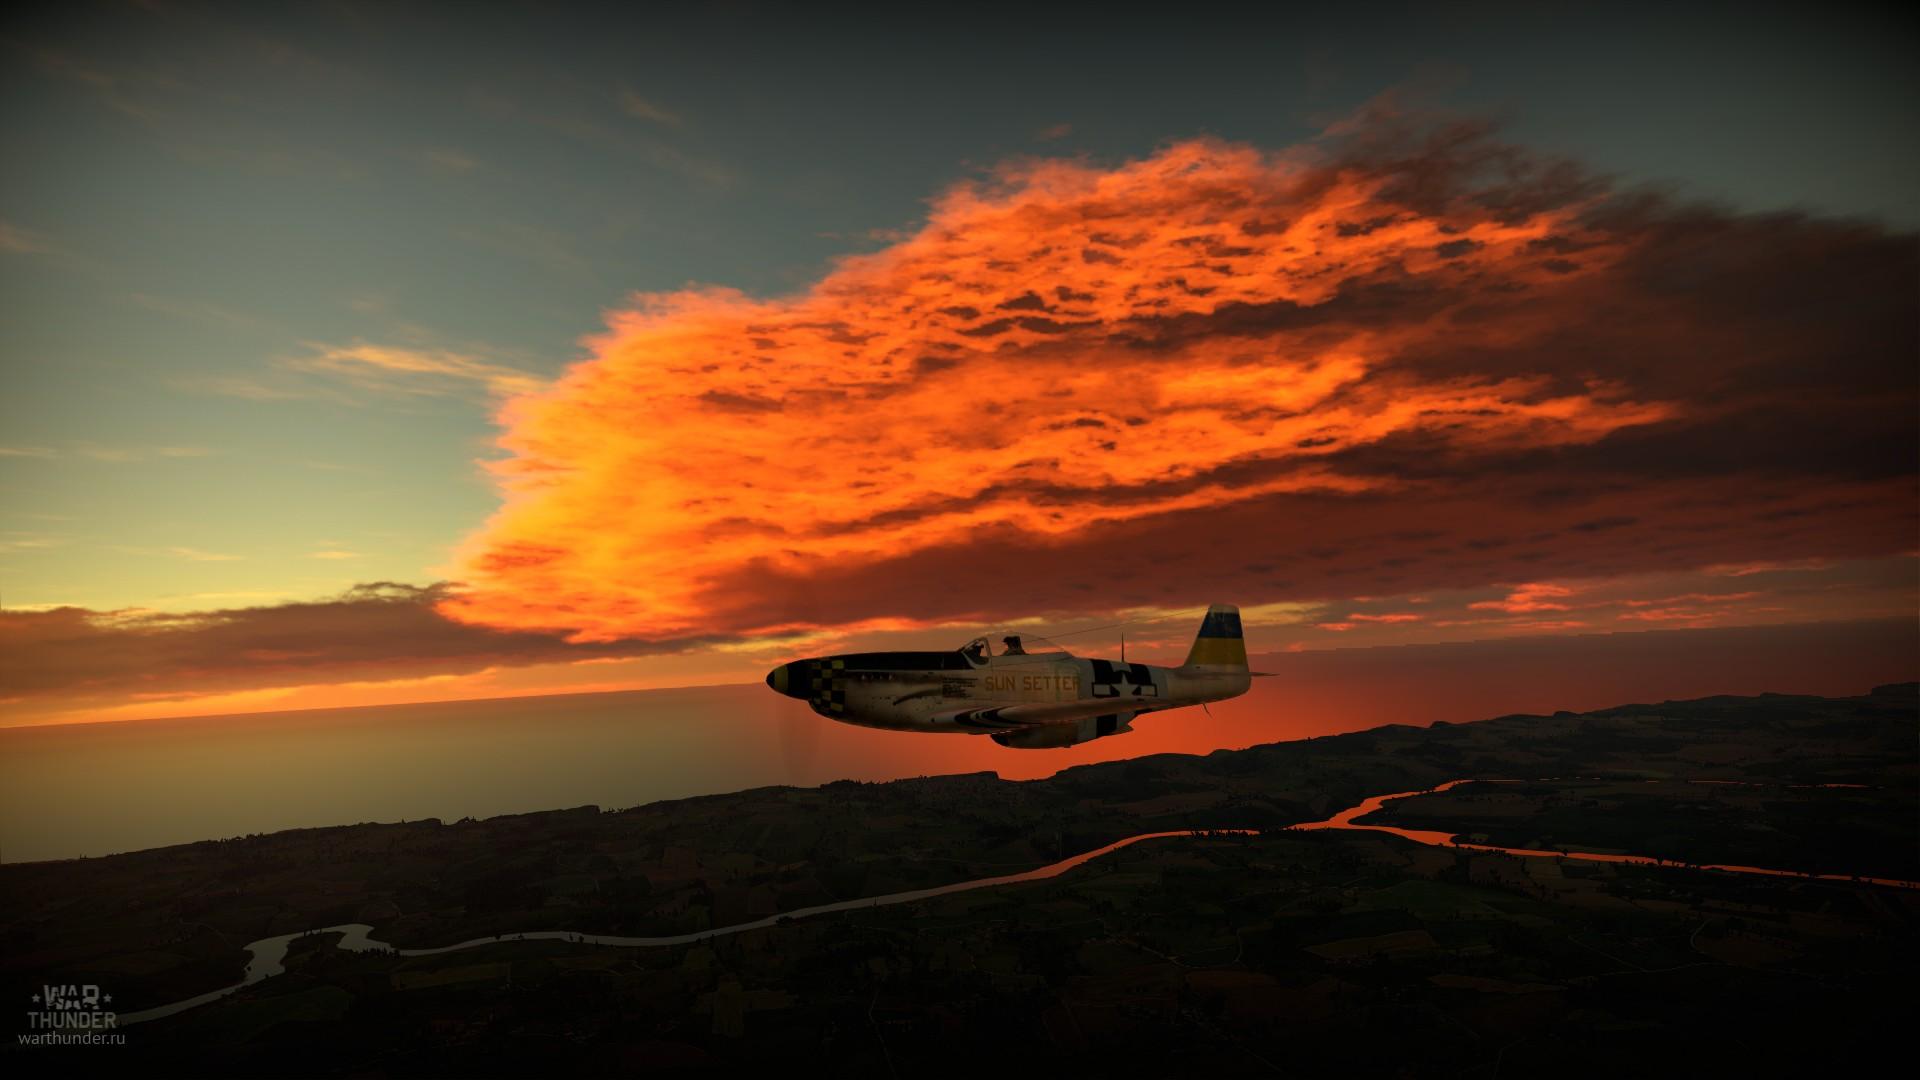 закат - War Thunder Самолёт